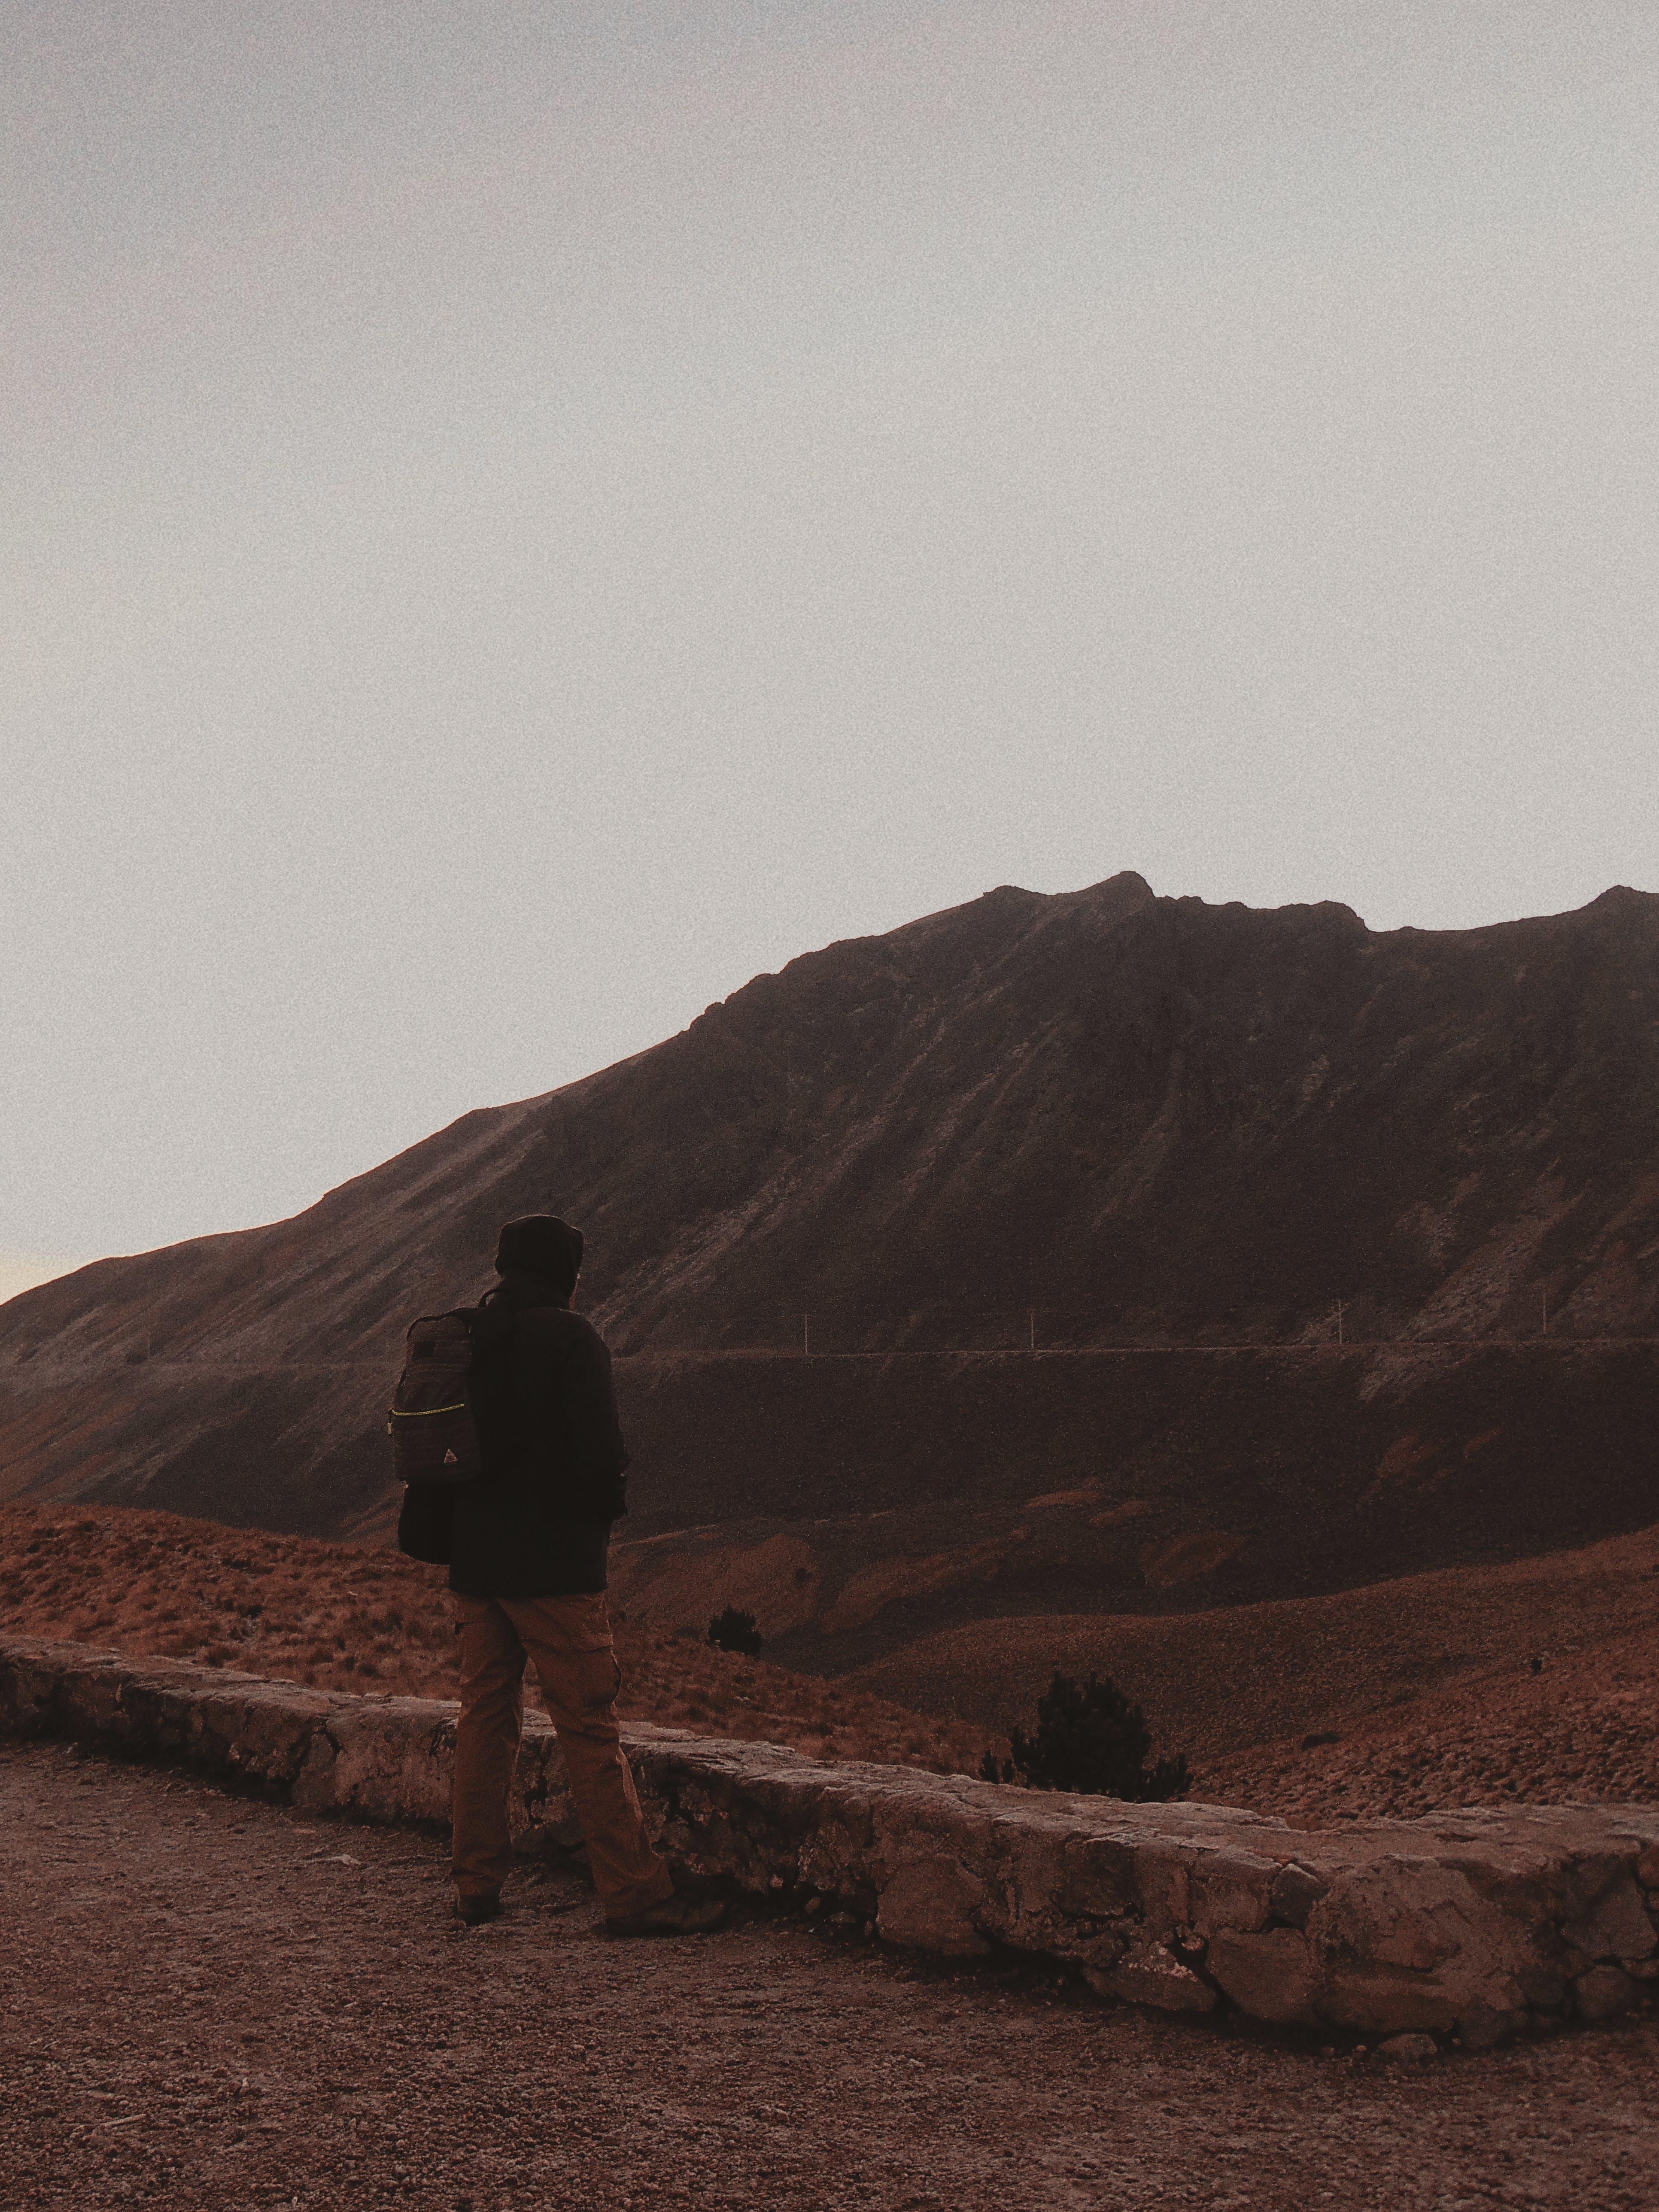 Kostenloses Stock Foto zu abenteuer, berg, braun, dämmerung